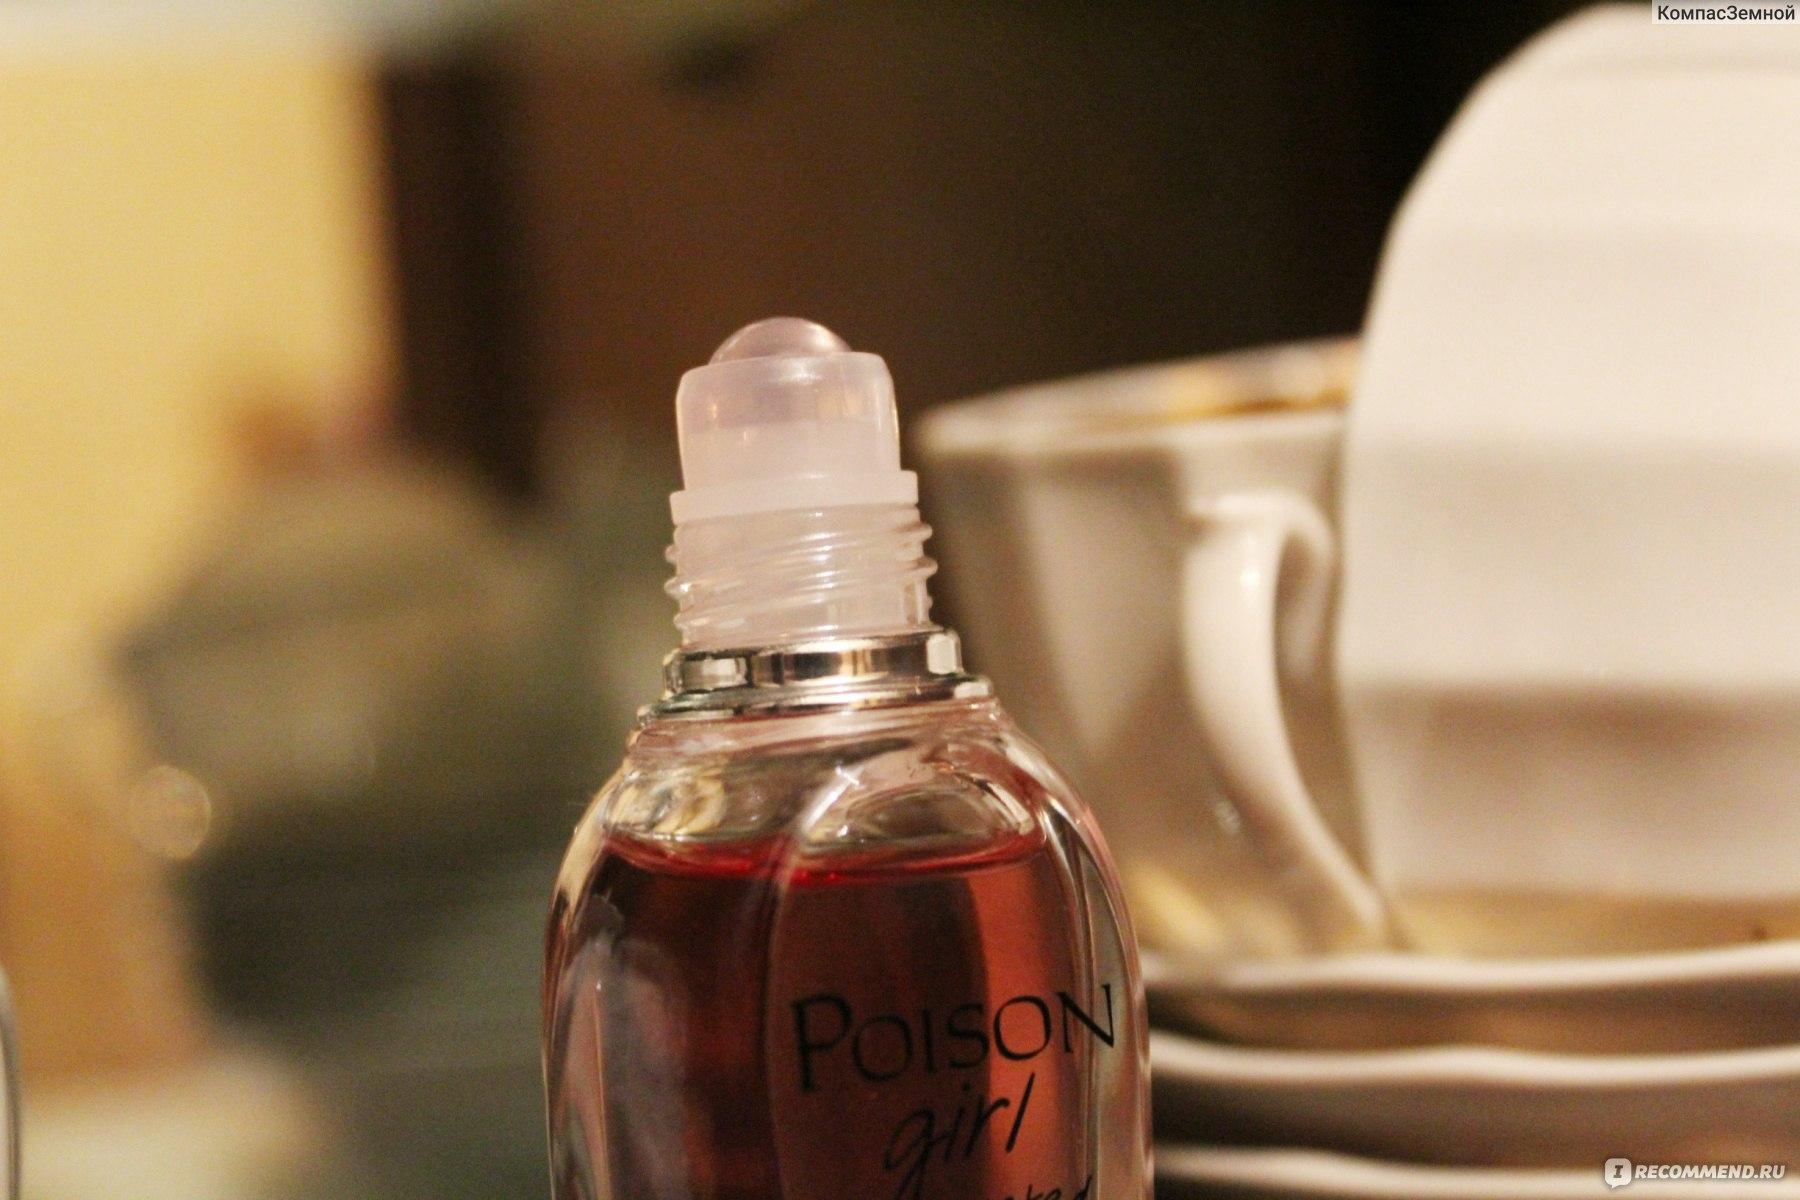 Dior Poison Girl Unexpected Perle De Parfum Poison Girl